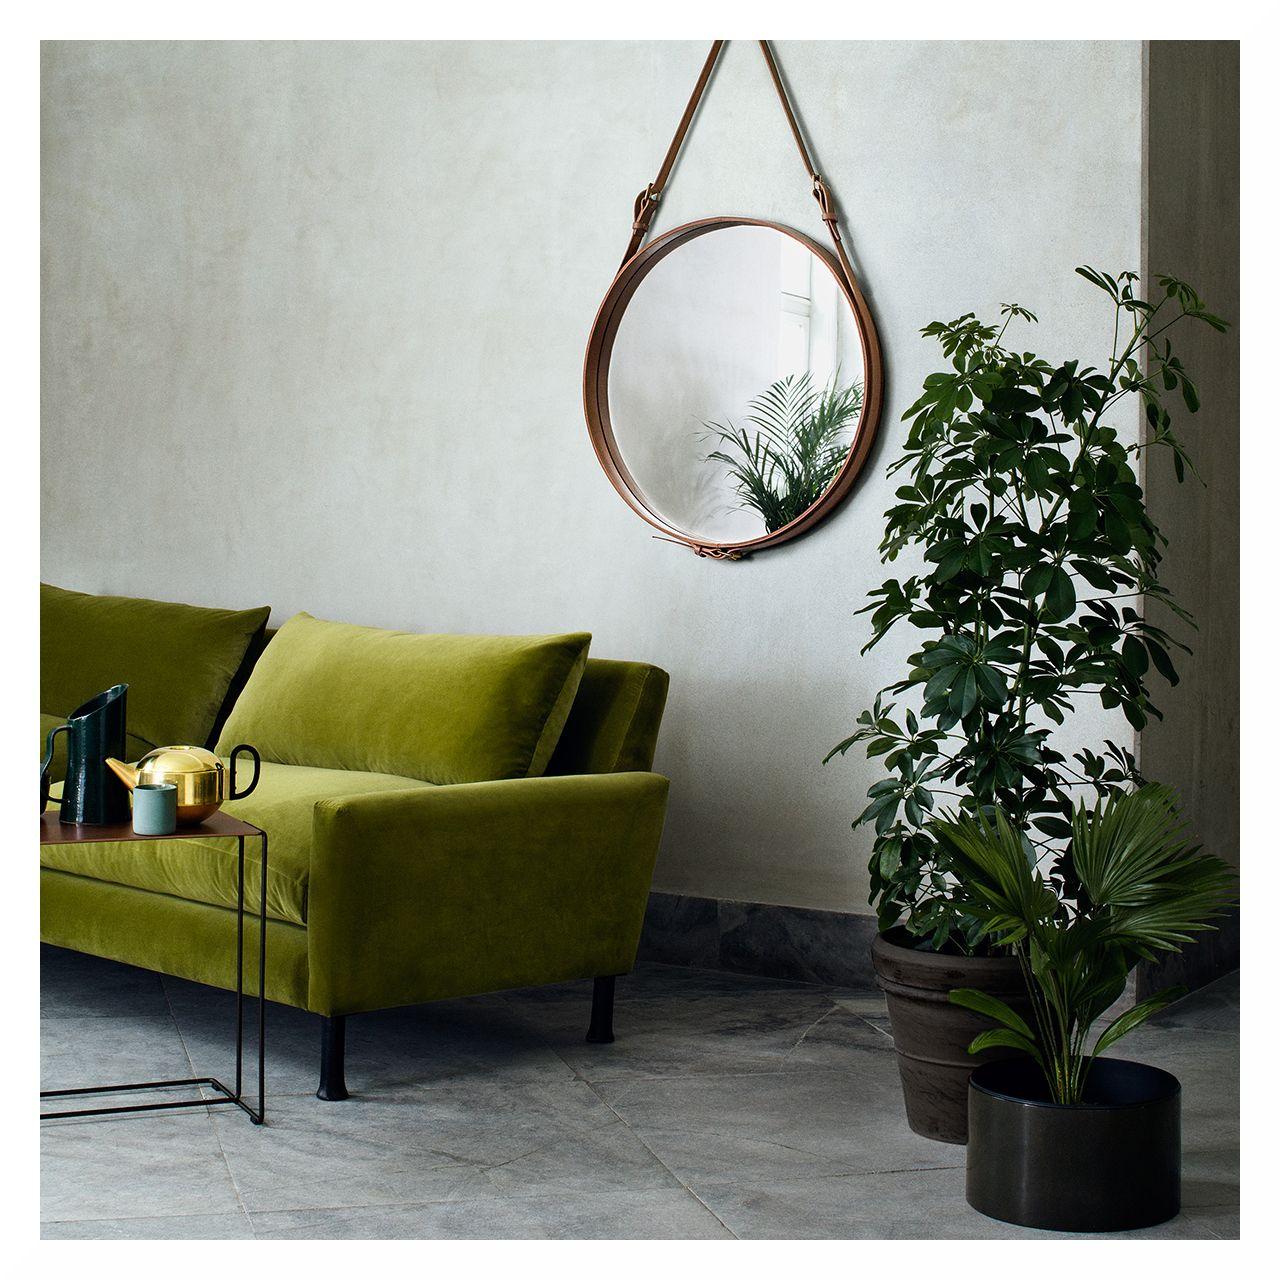 Wohnzimmer Spiegel Top Wohnzimmer Spiegel With Wohnzimmer: Moderne Spiegel Fr Wohnzimmer. Perfect Spiegel Im